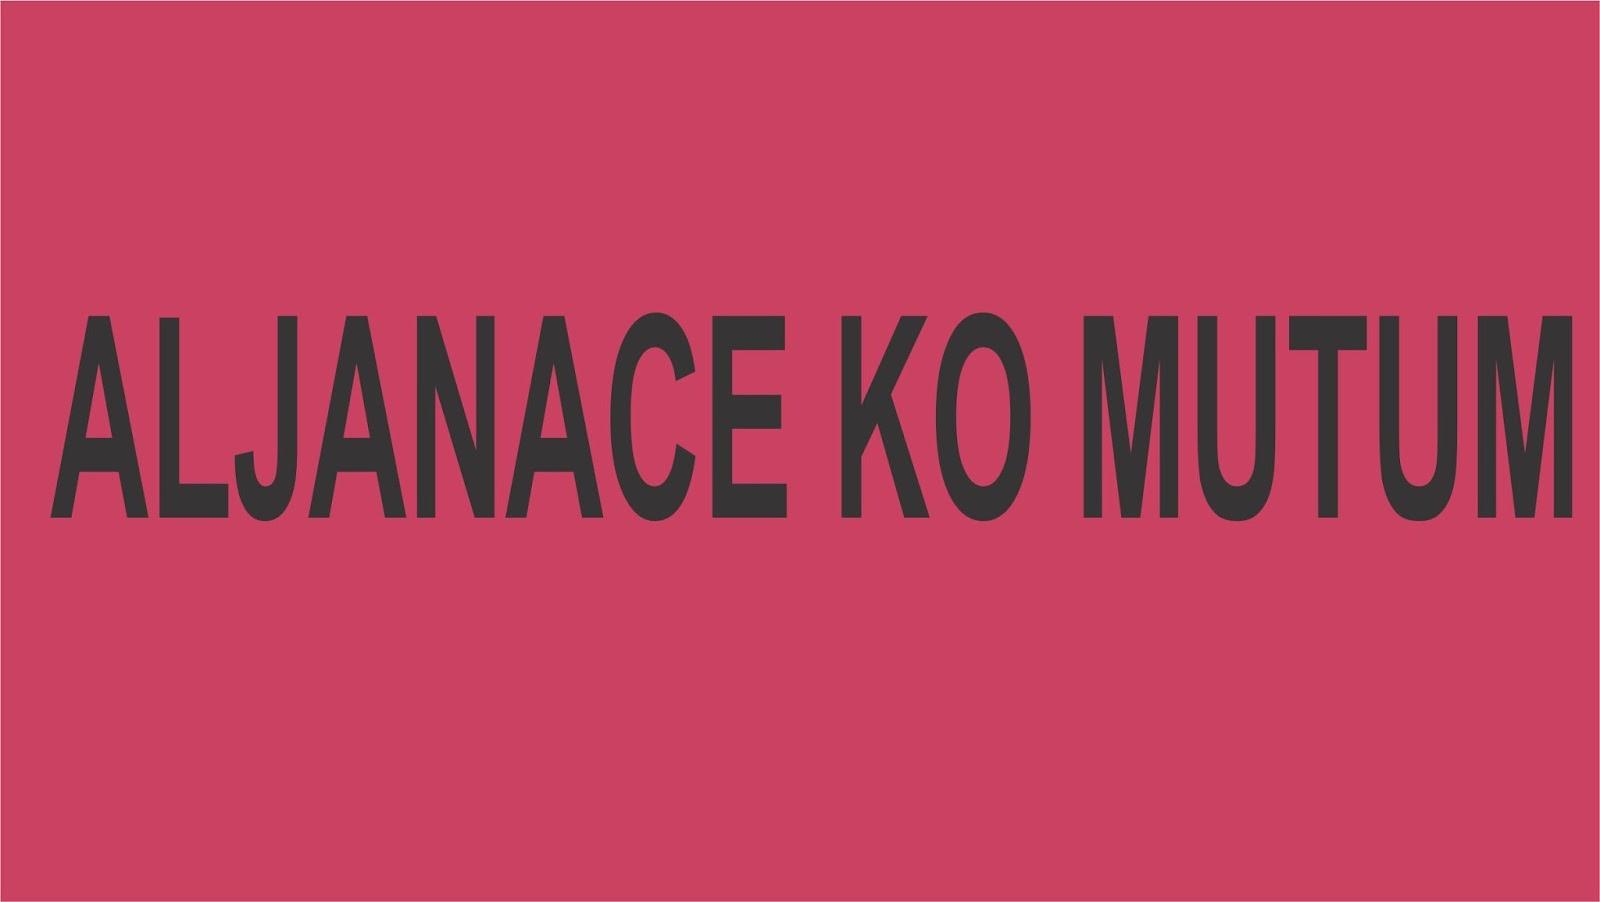 ALJANACE KO MUTUM COMPLETE - Gidan Novels   Hausa Novels